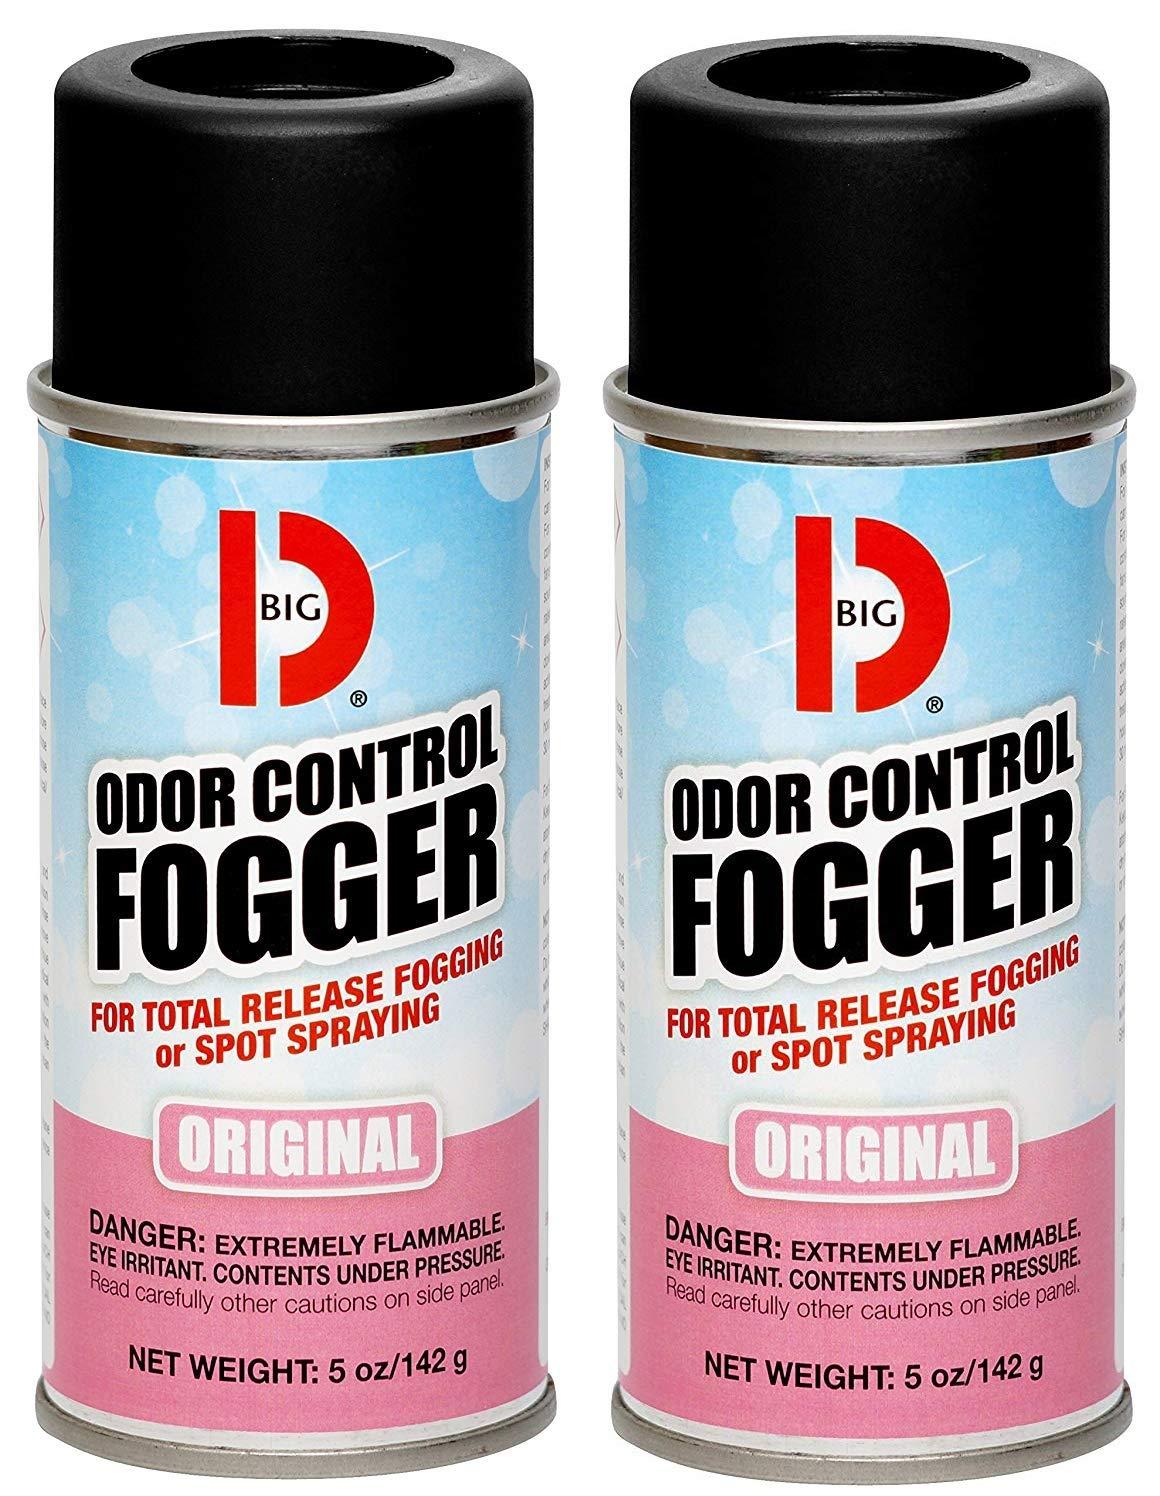 Big D BGD 341 5 oz Odor Control Fogger Aerosol (12 Pack) (Вundlе оf Тwо)